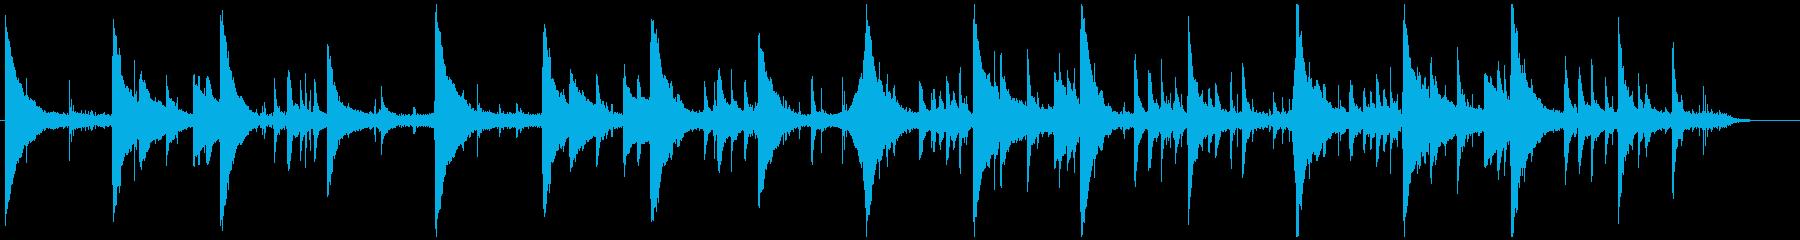 海の神殿 ピアノ 琴 水の音 ヒーリングの再生済みの波形